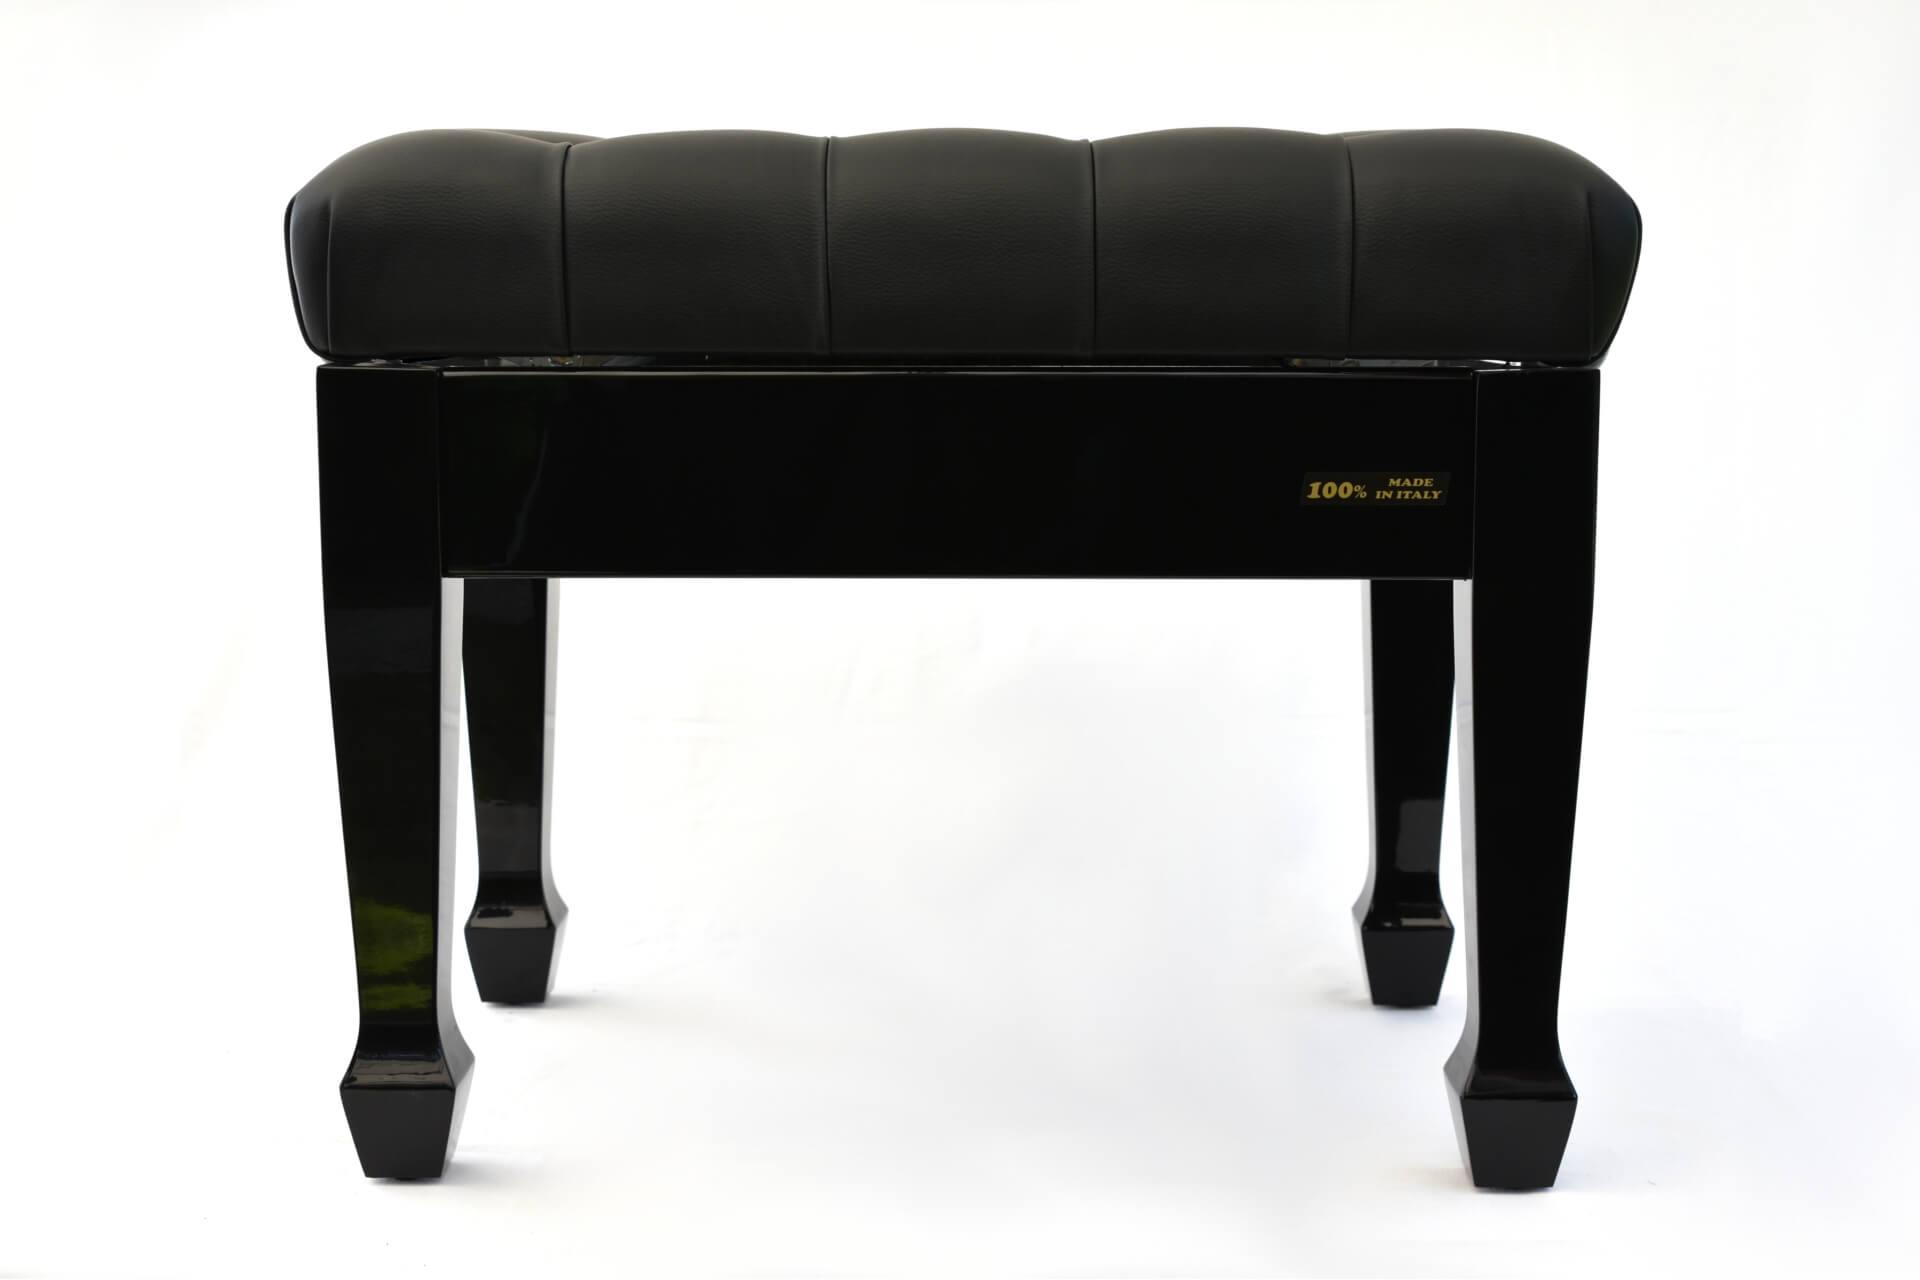 Panca per pianoforte u csalieriu d vera pelle nera colore legno nero